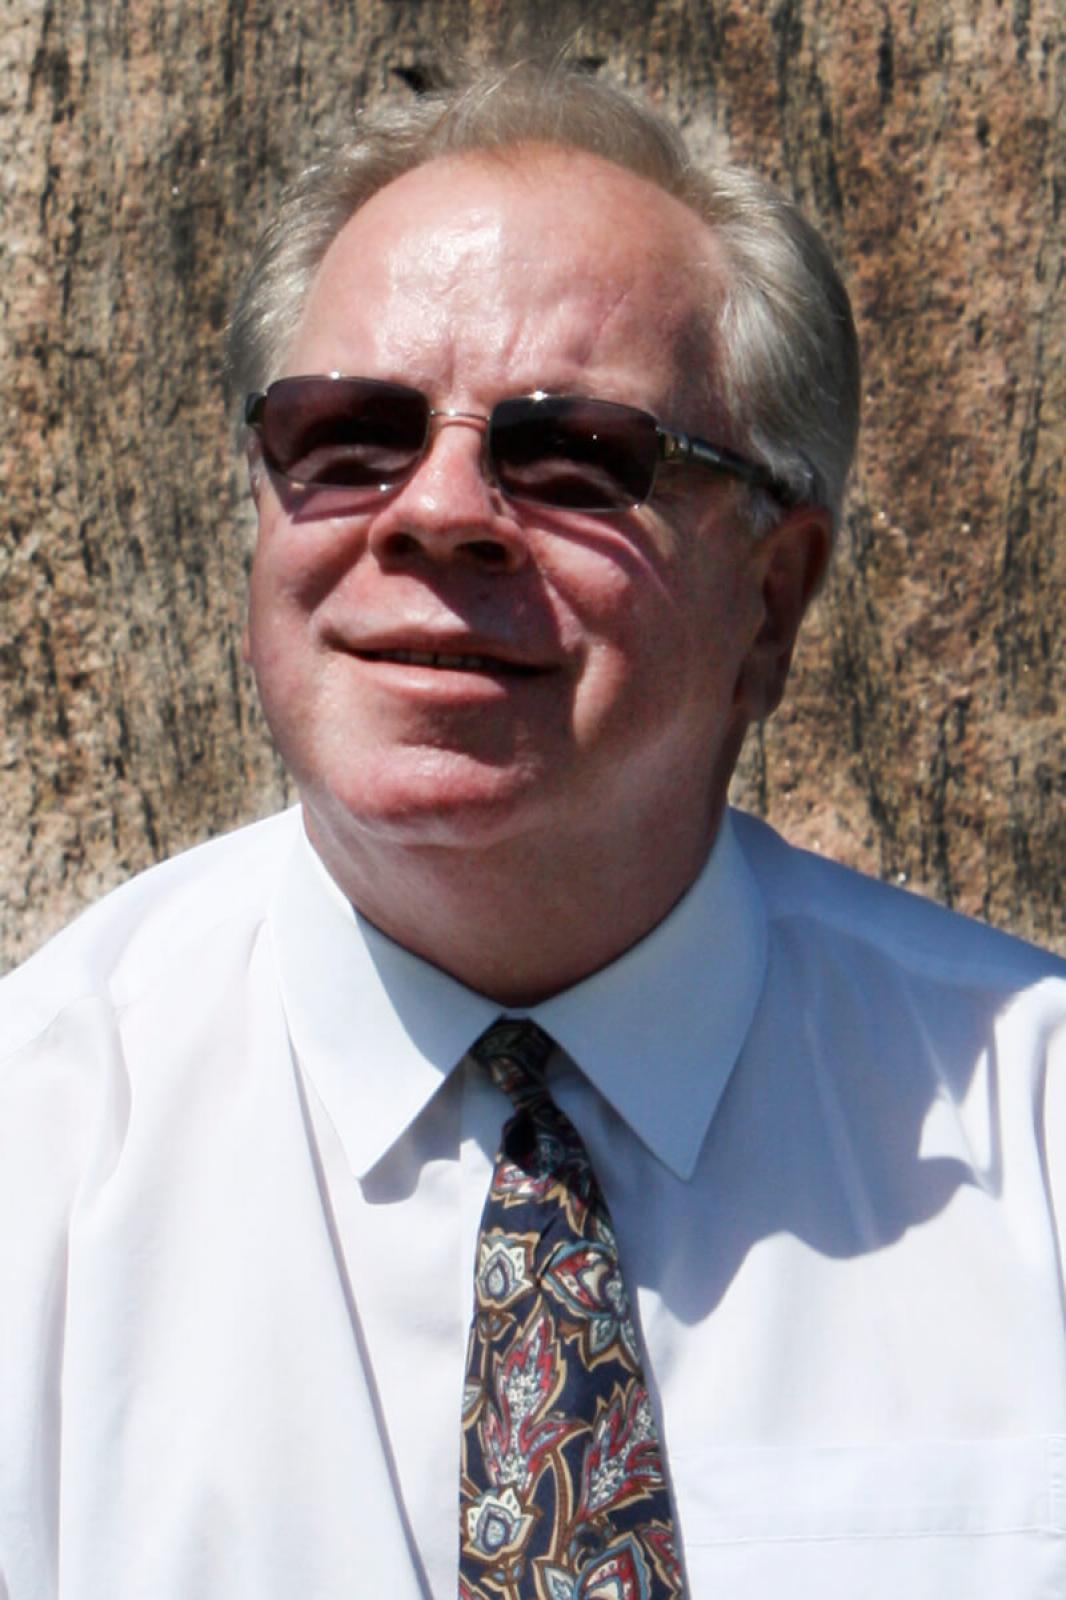 Steve Moyer